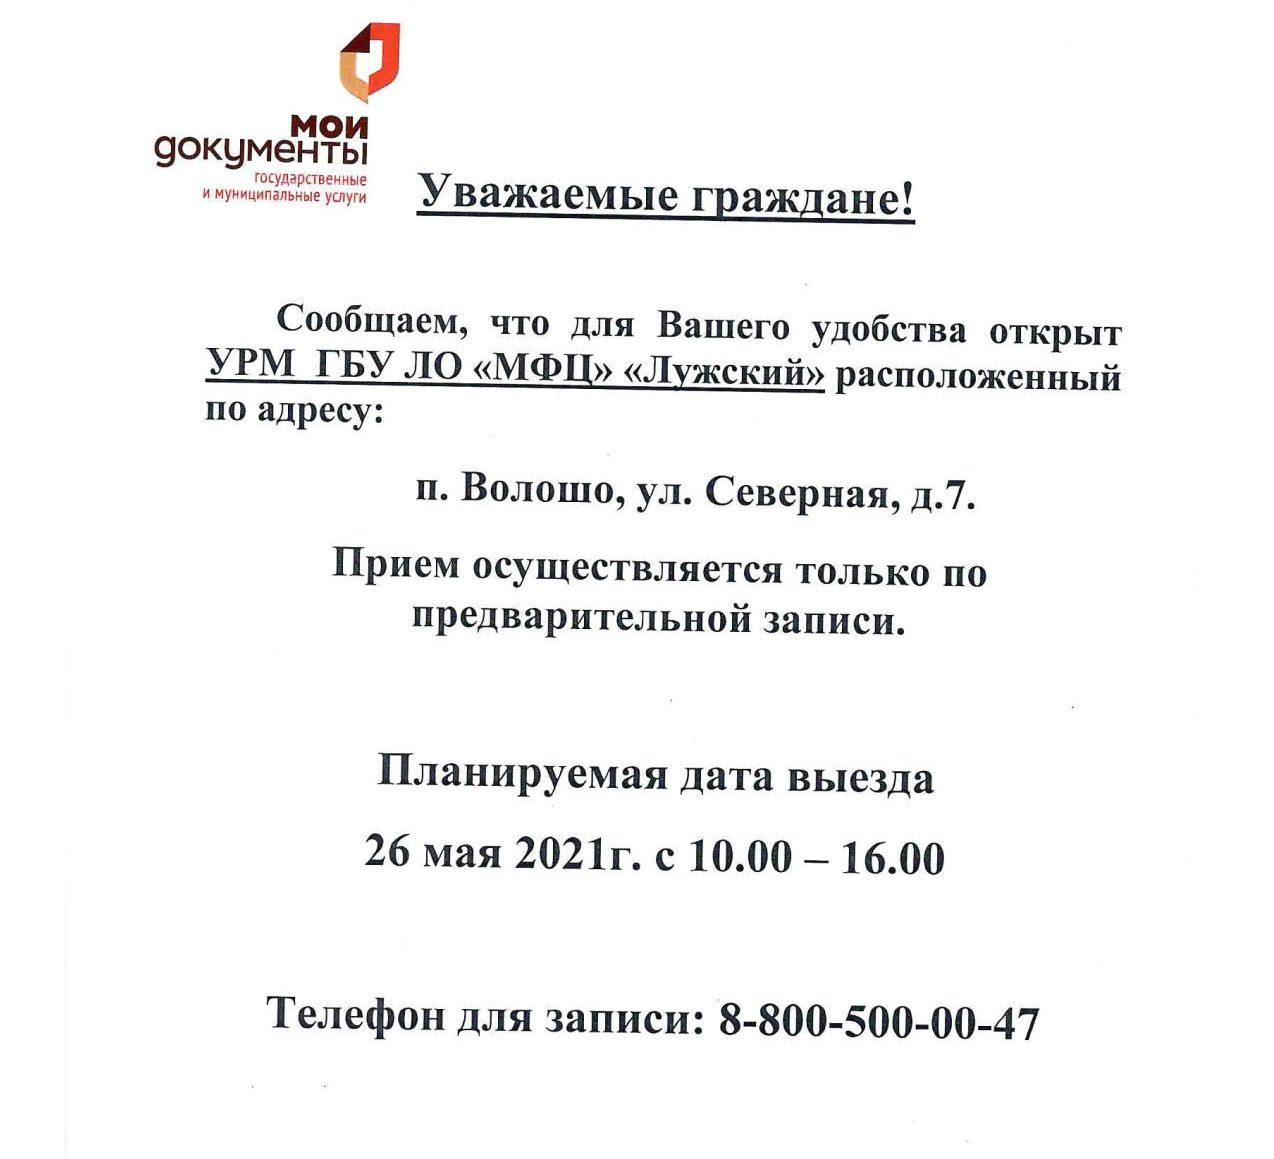 УРМ ВОлошово График_1